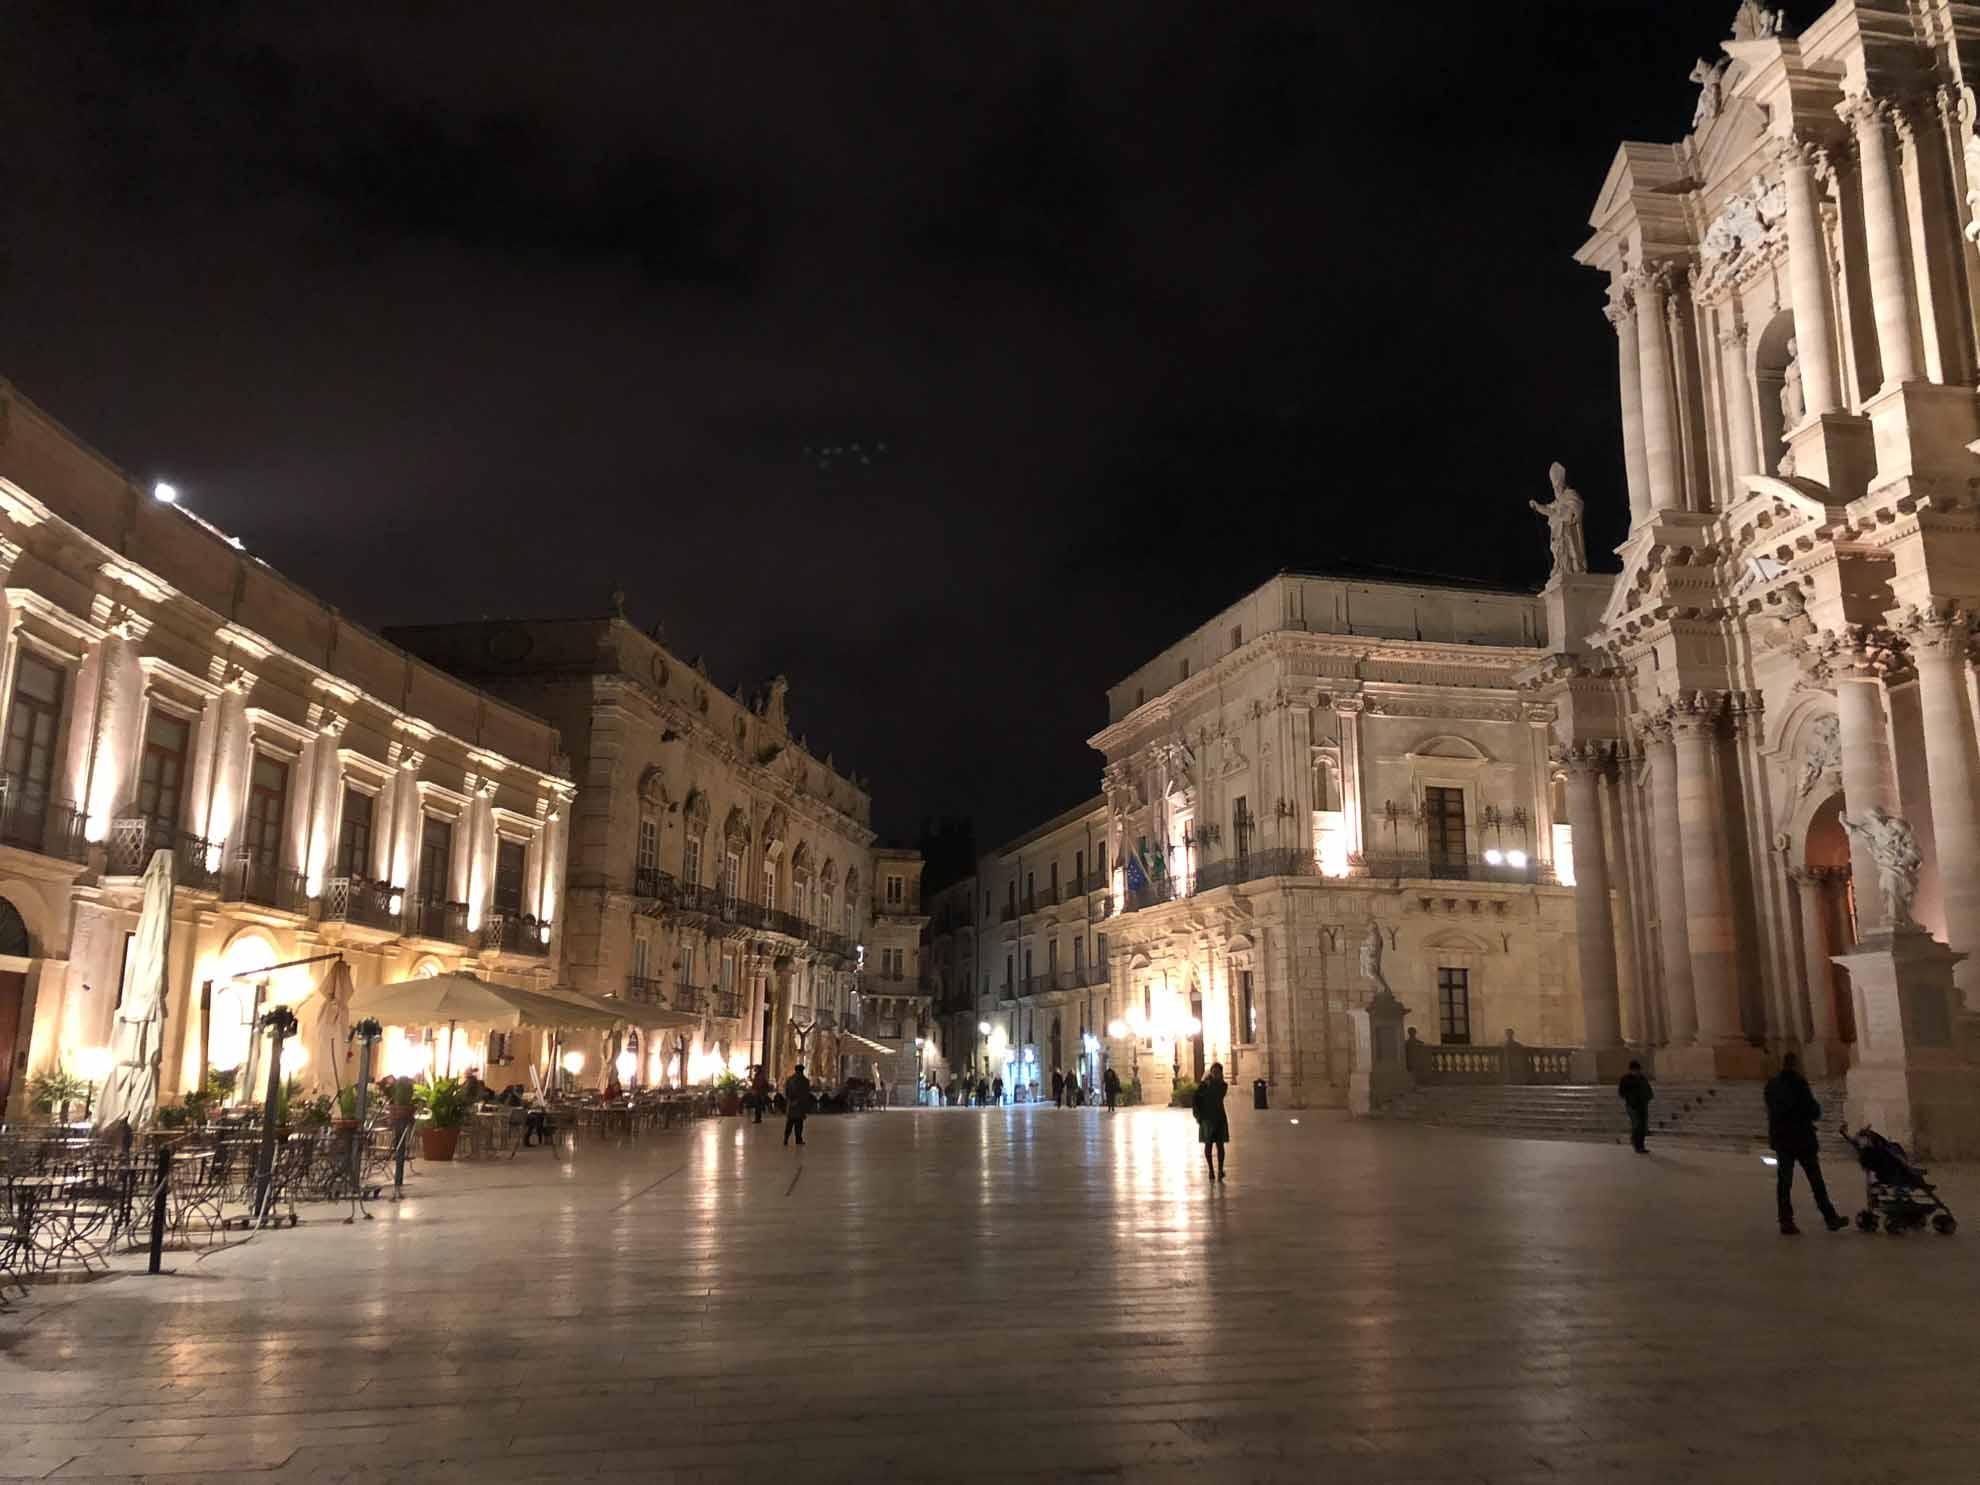 Der eindrucksvolle Tag klingt entspannt beim Abendbummel in der Altstadt aus.